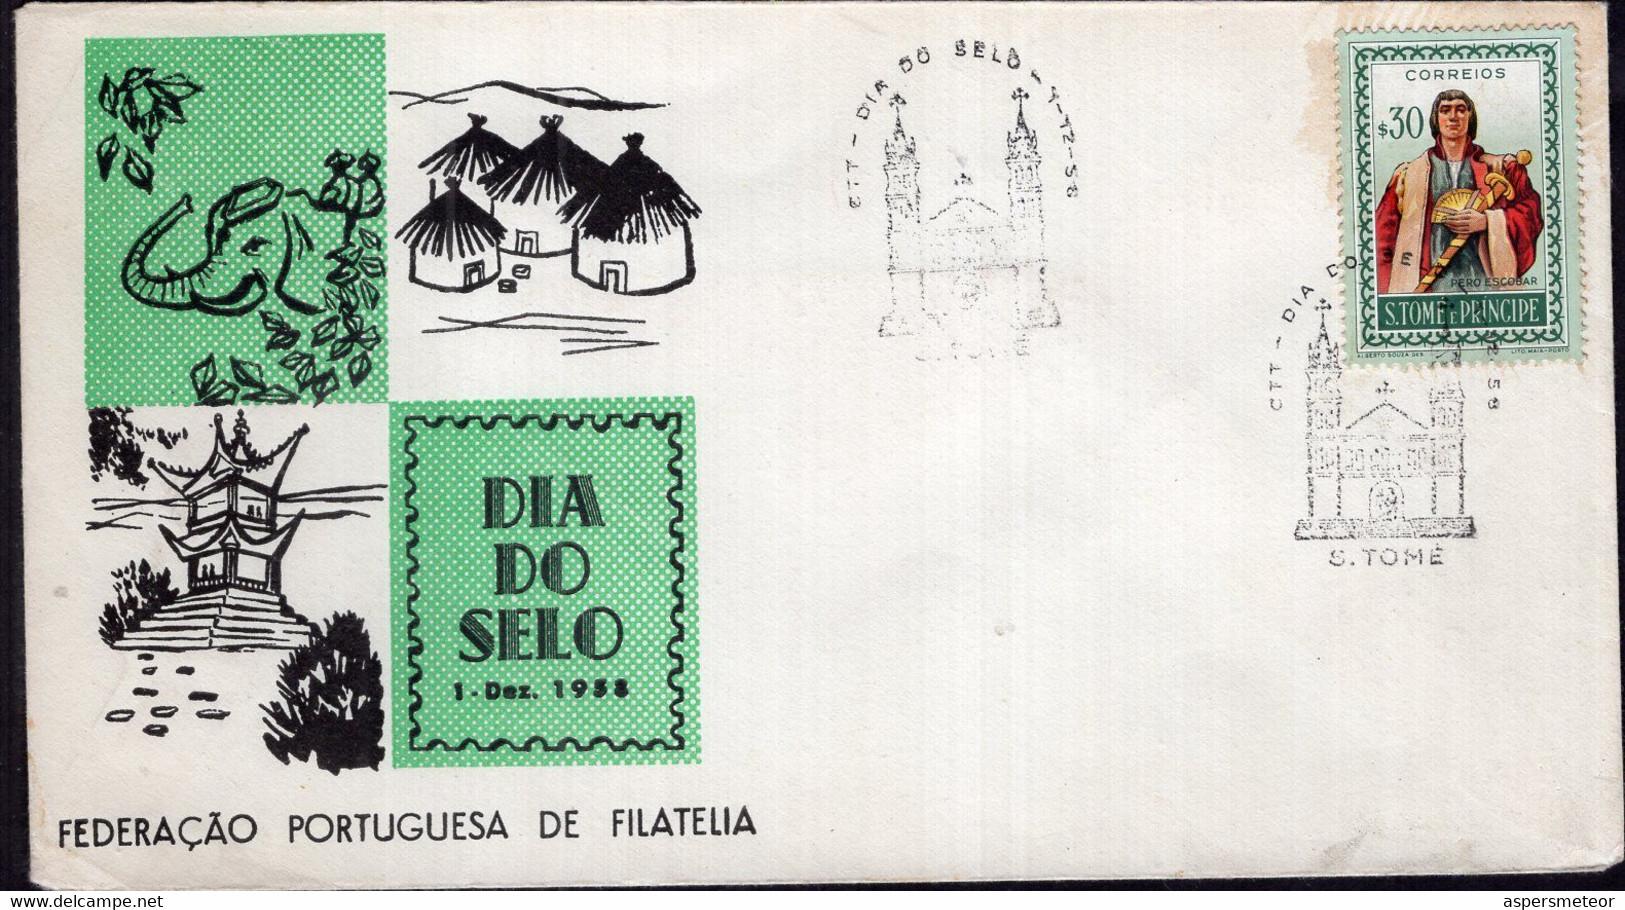 St. Tome E Principe - 1958 - FDC - Dia Do Selo - A1RR2 - America (Other)